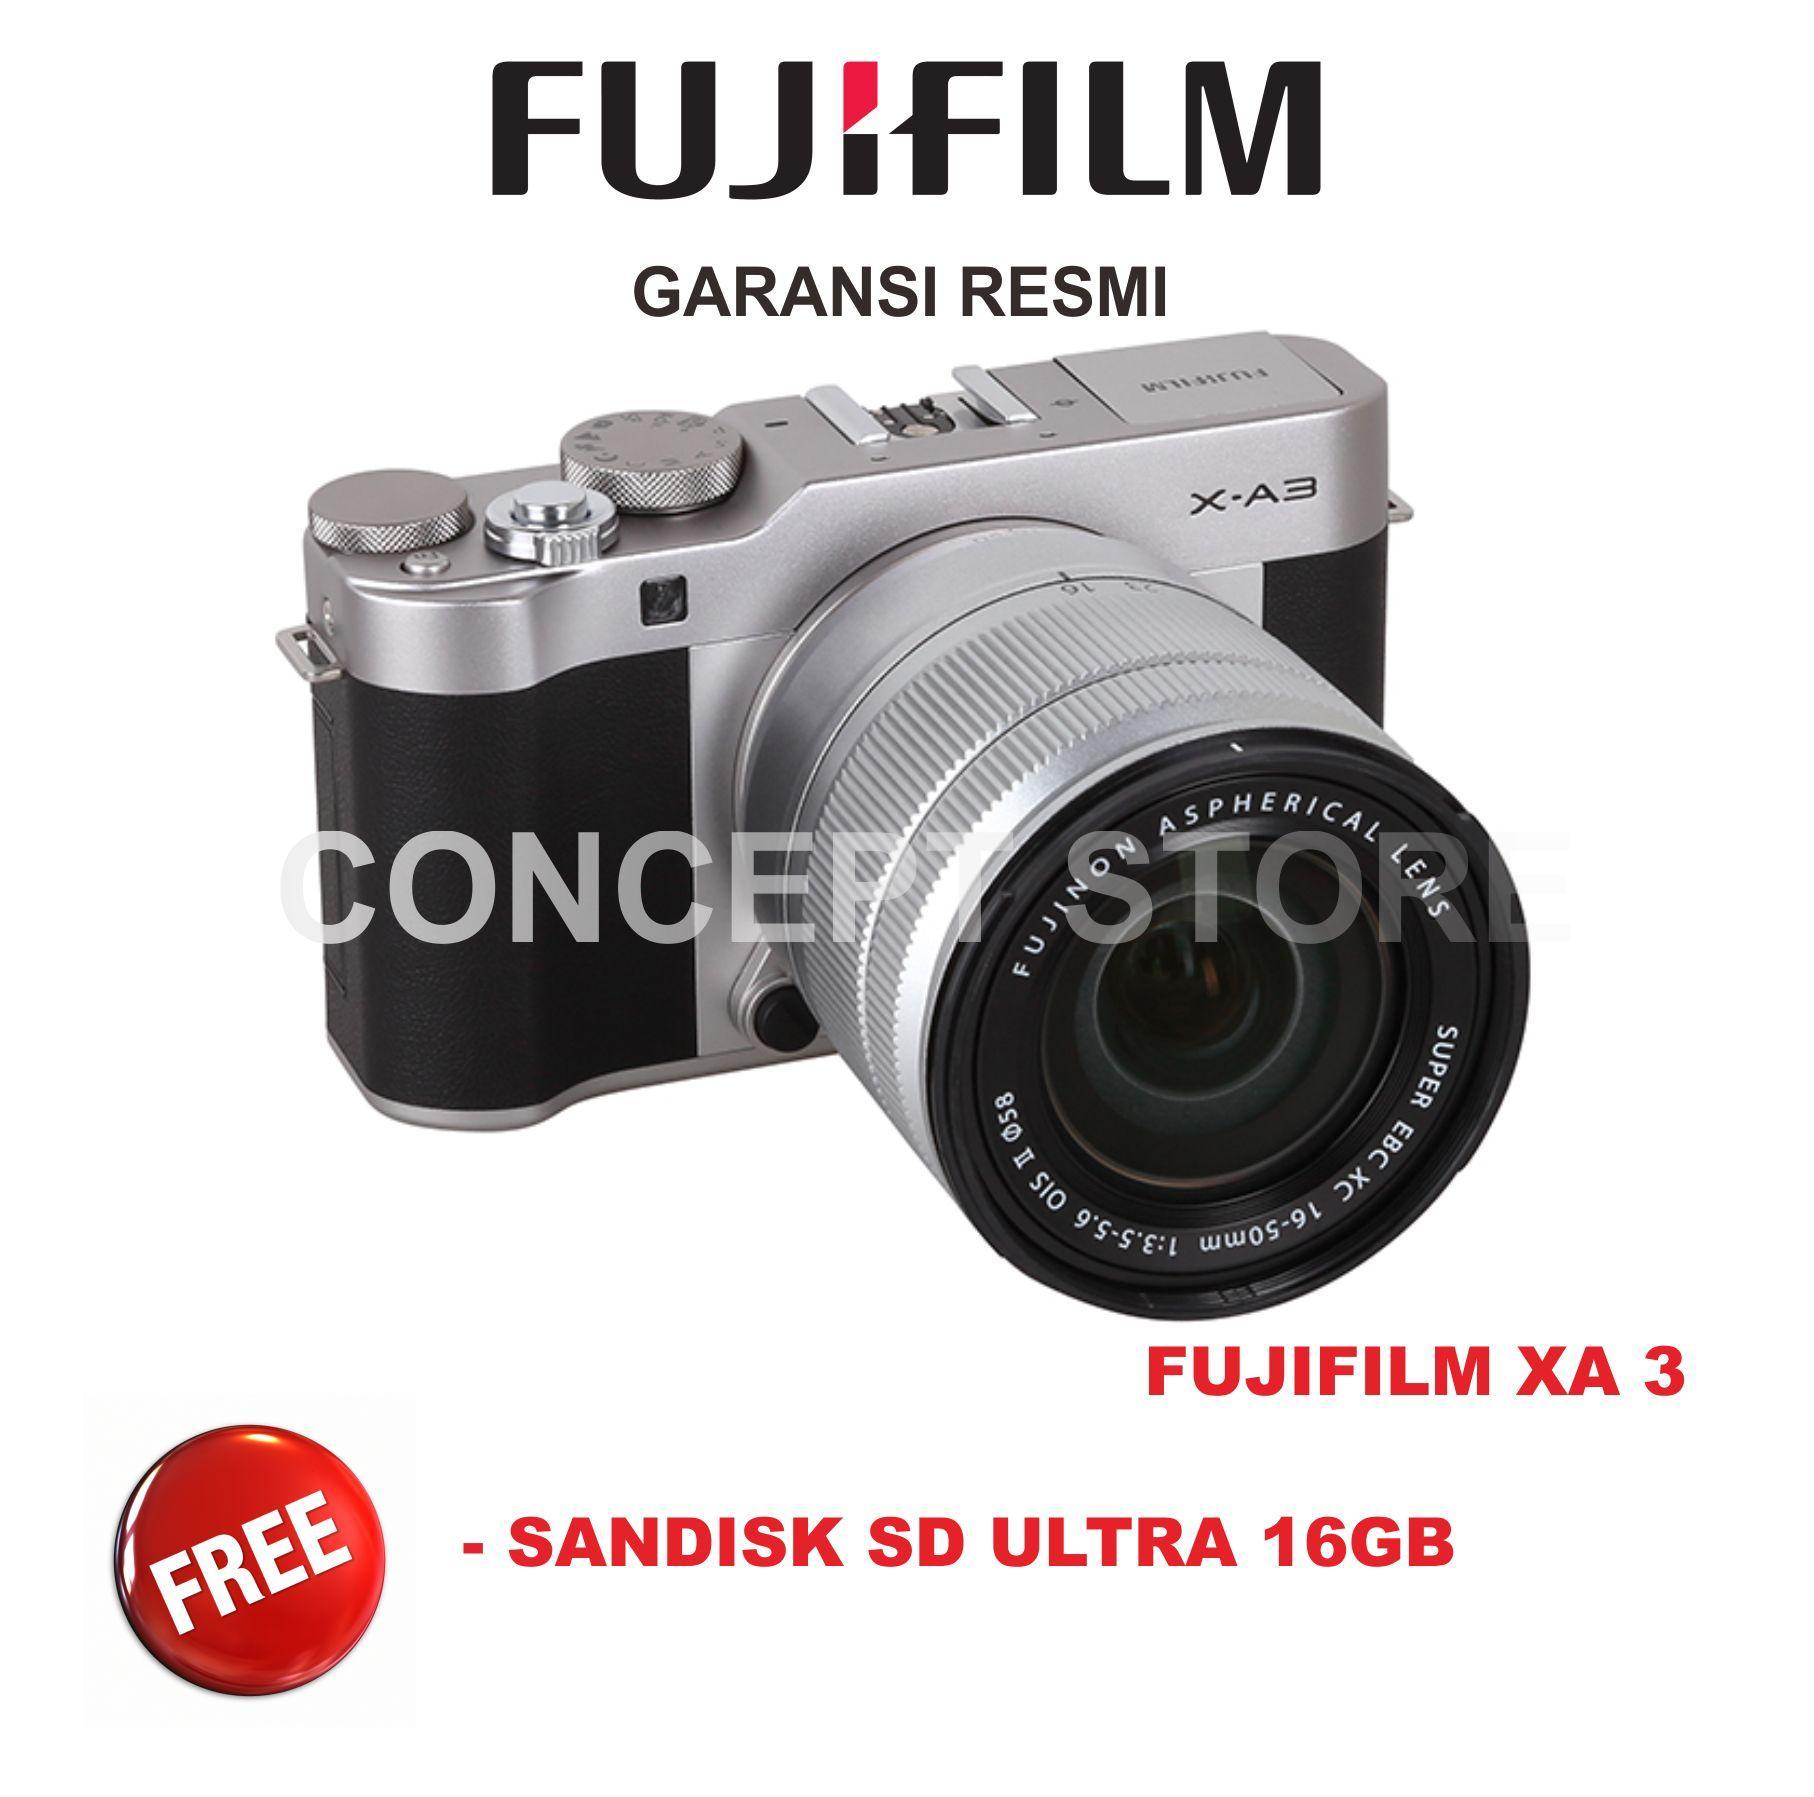 Kamera Mirrorless Fujifilm Termurah Xt20 Silver 16 50mm X T20 Xt 20 Hitam